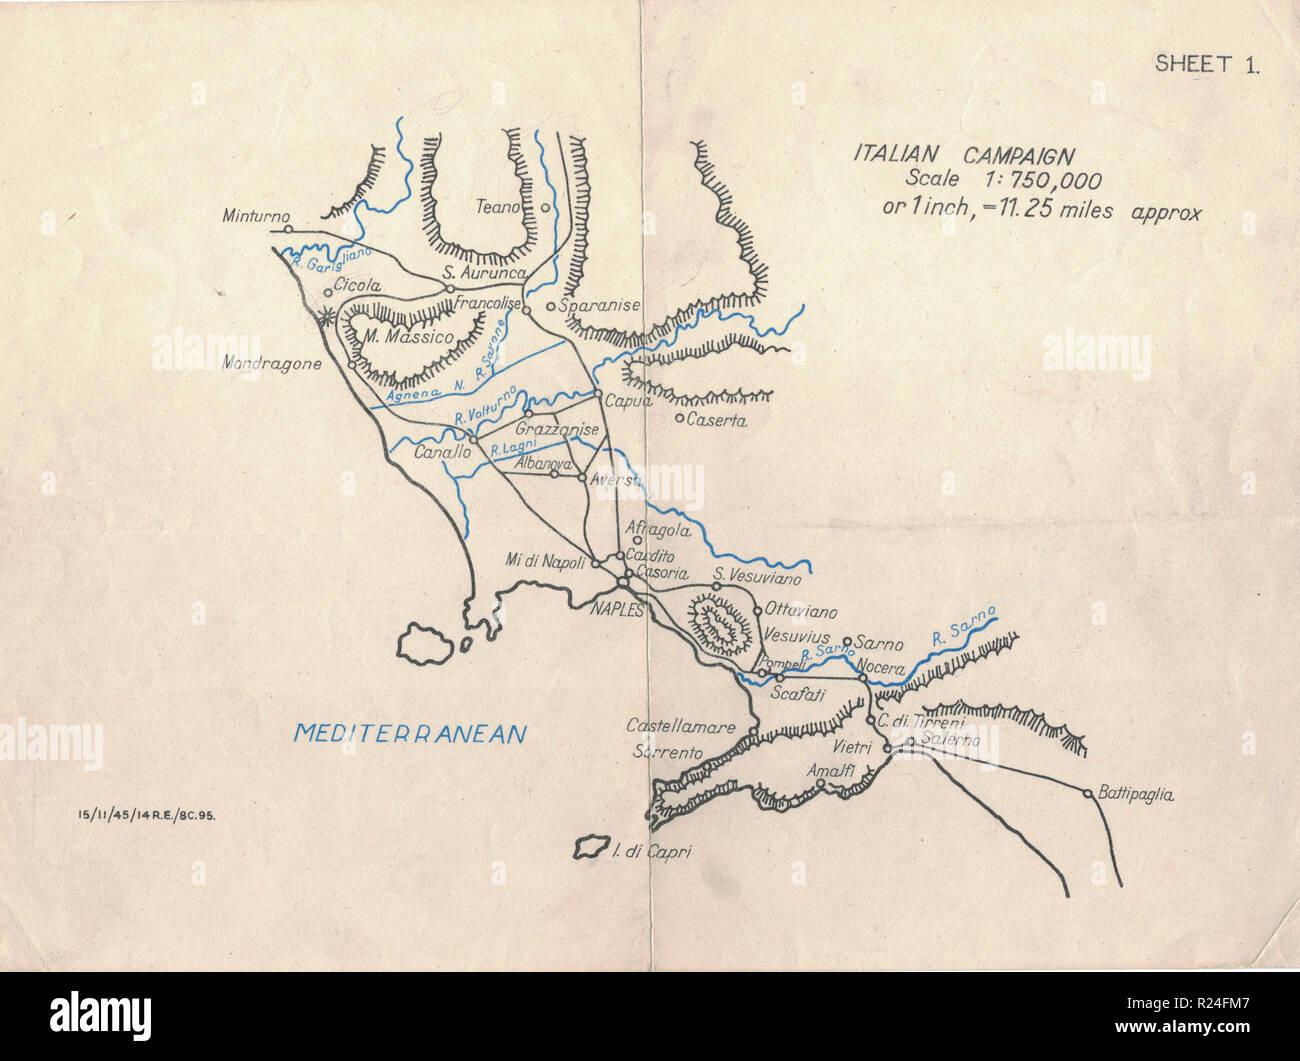 Guerra Mundial 2 mapas de campaña europea 1945, campaña italiana Imagen De Stock